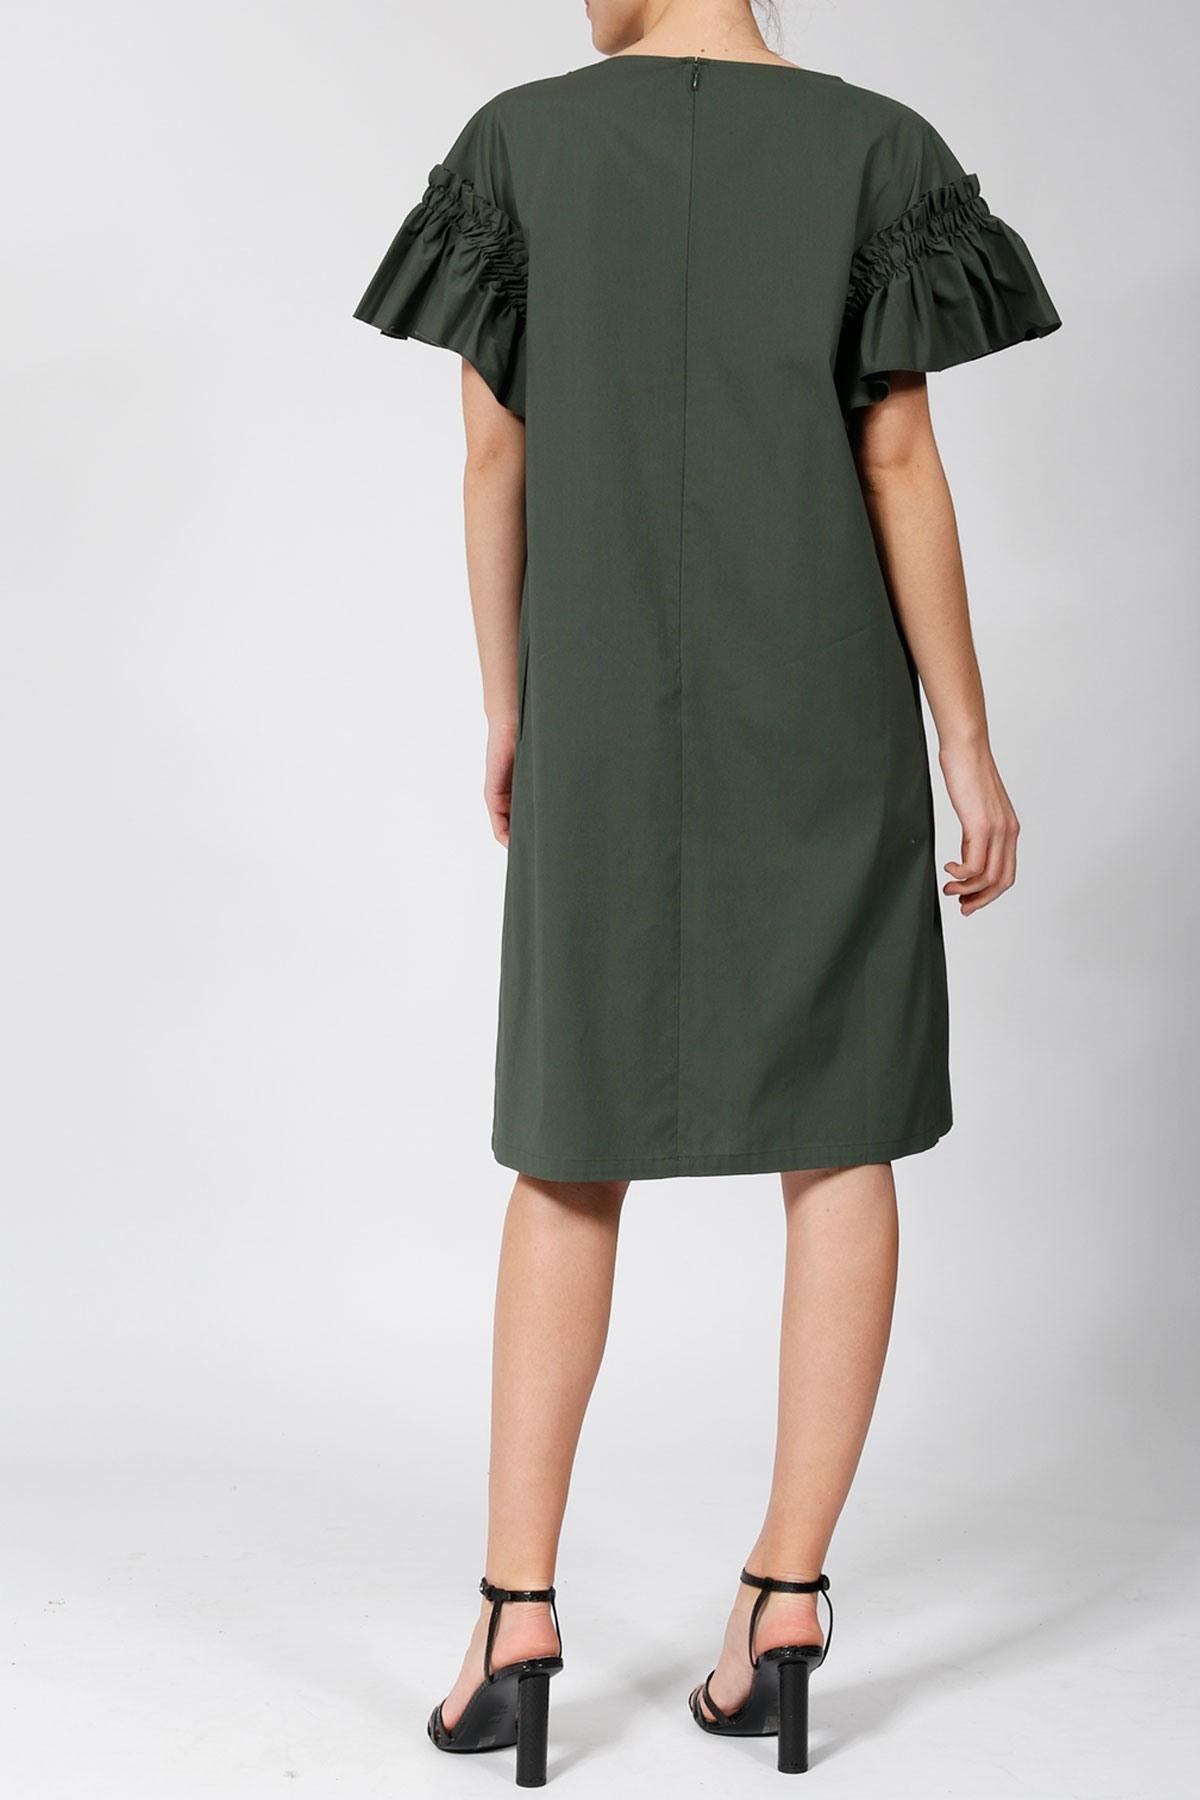 Abend Einzigartig Kleid Olivgrün Design  Abendkleid